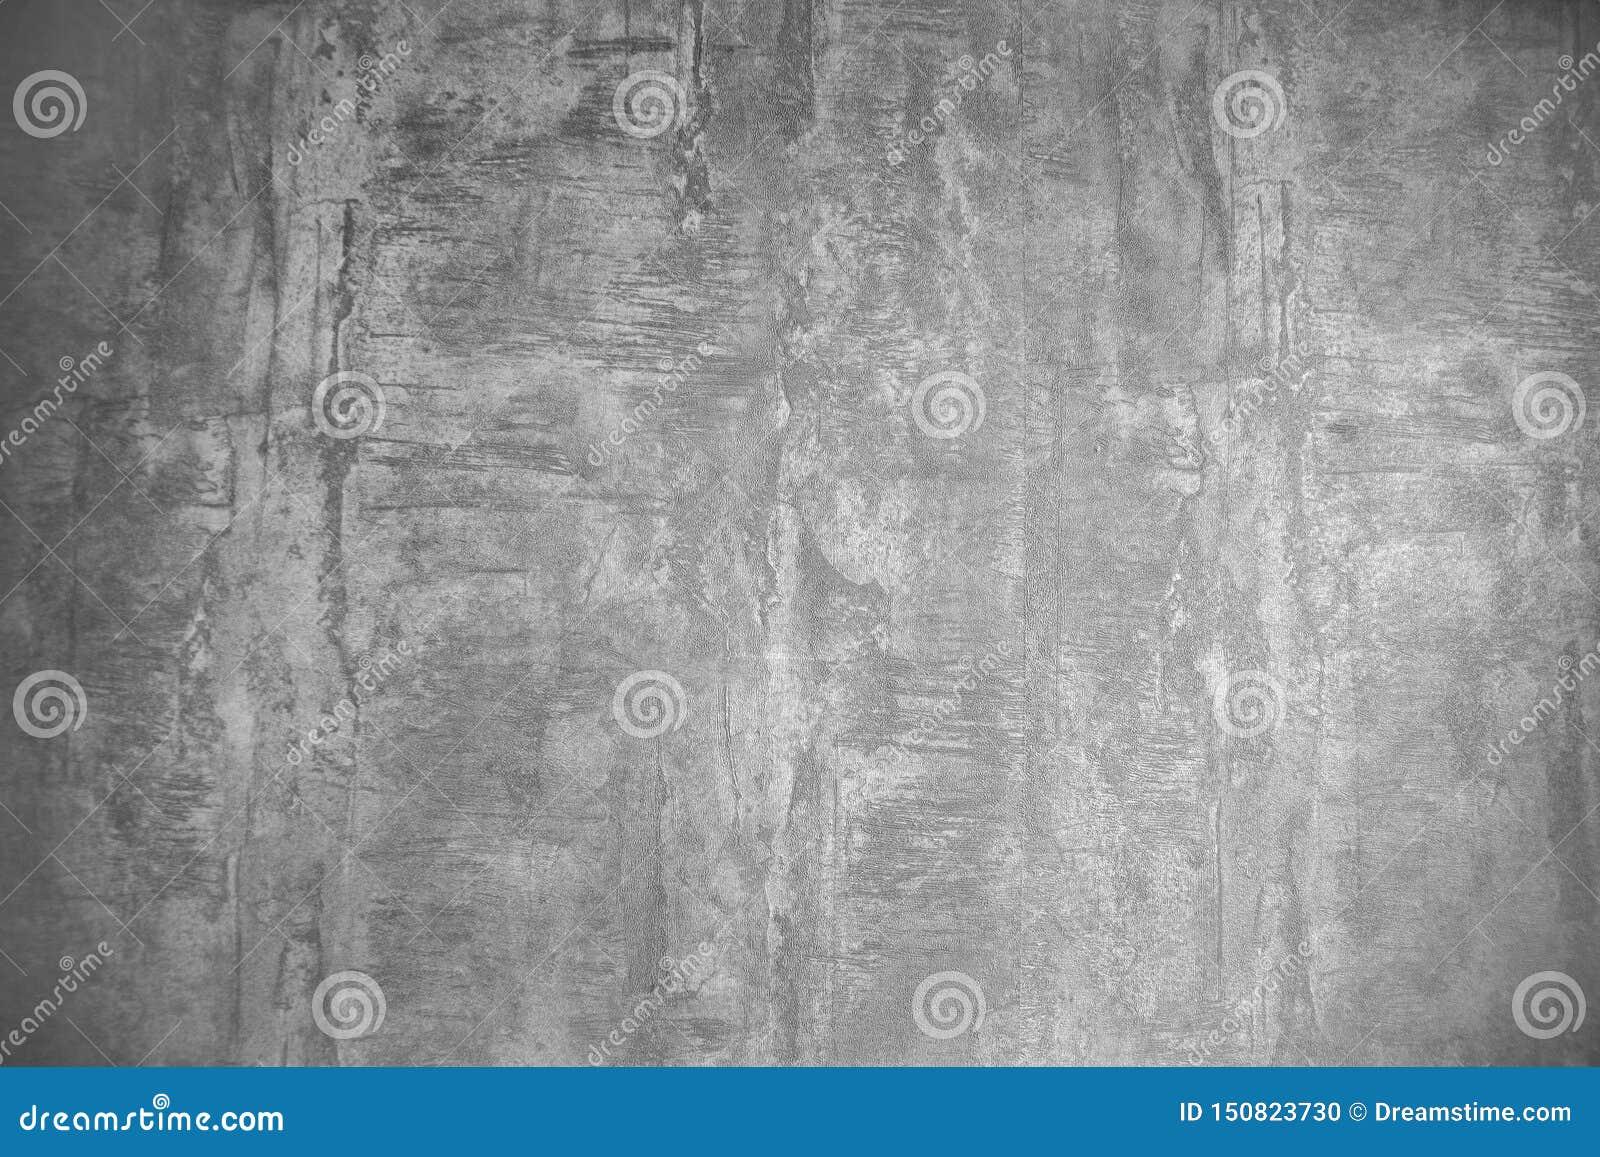 Grunge grey wallpaper texture background, interior design